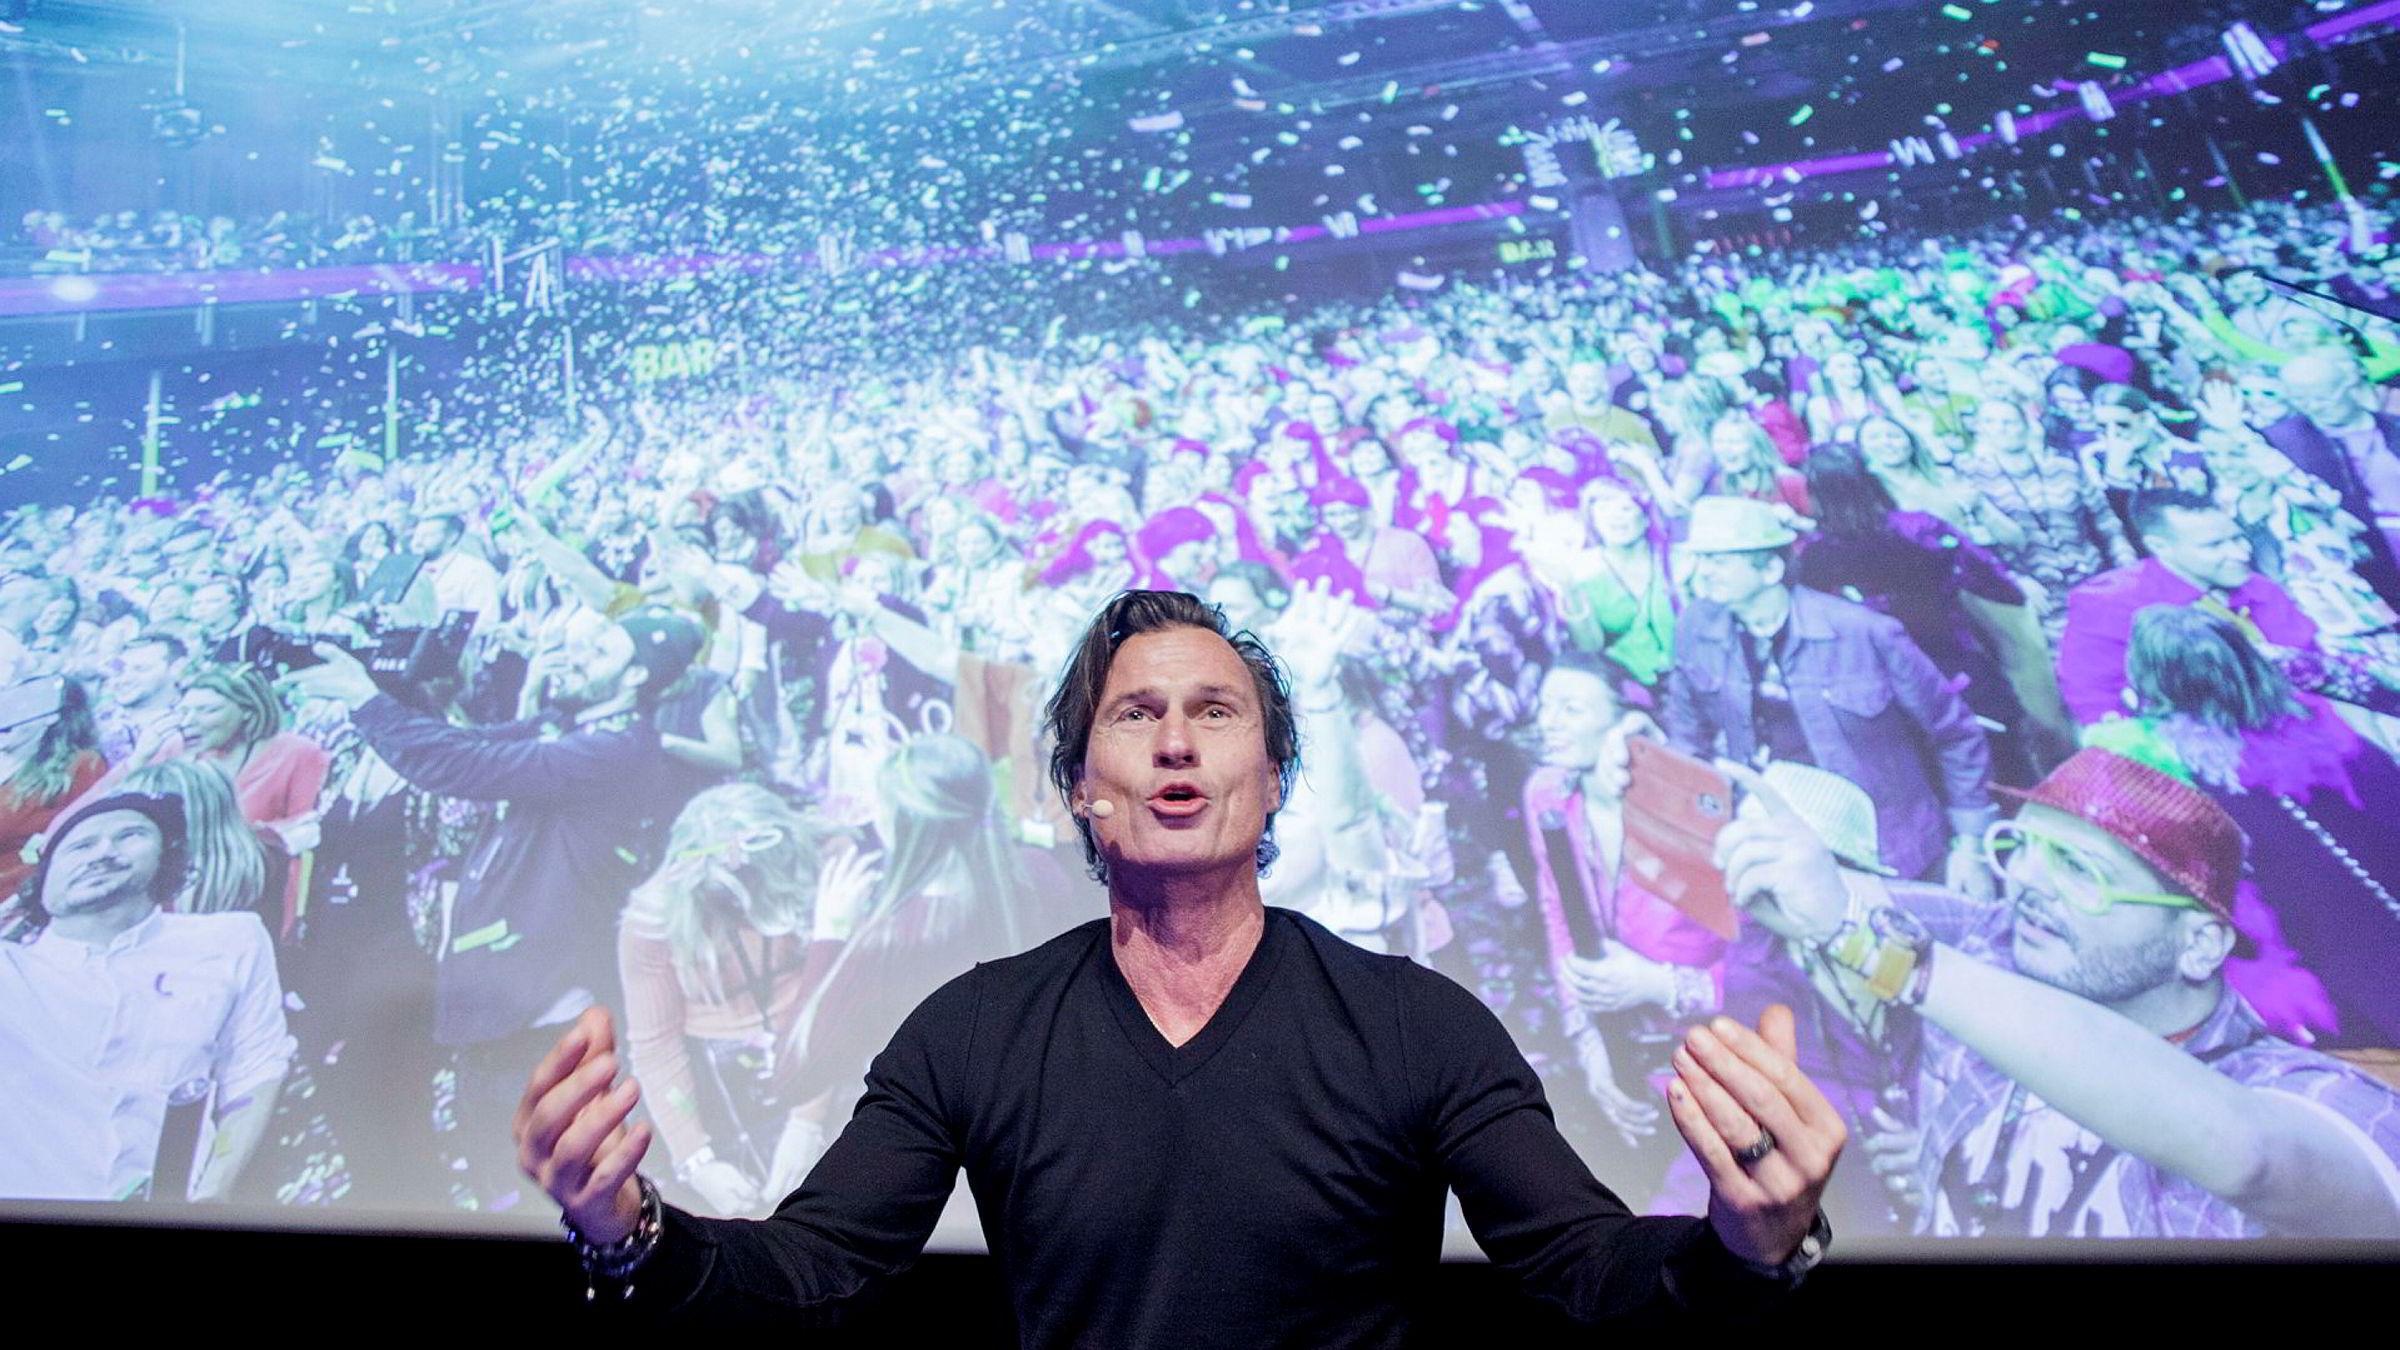 Strawberry-eier Petter A. Stordalen holdt foredrag om viktigheten av kultur på arbeidsplassen, og han fortalte hva slags arbeidskultur han forsøker å skape. Foto: